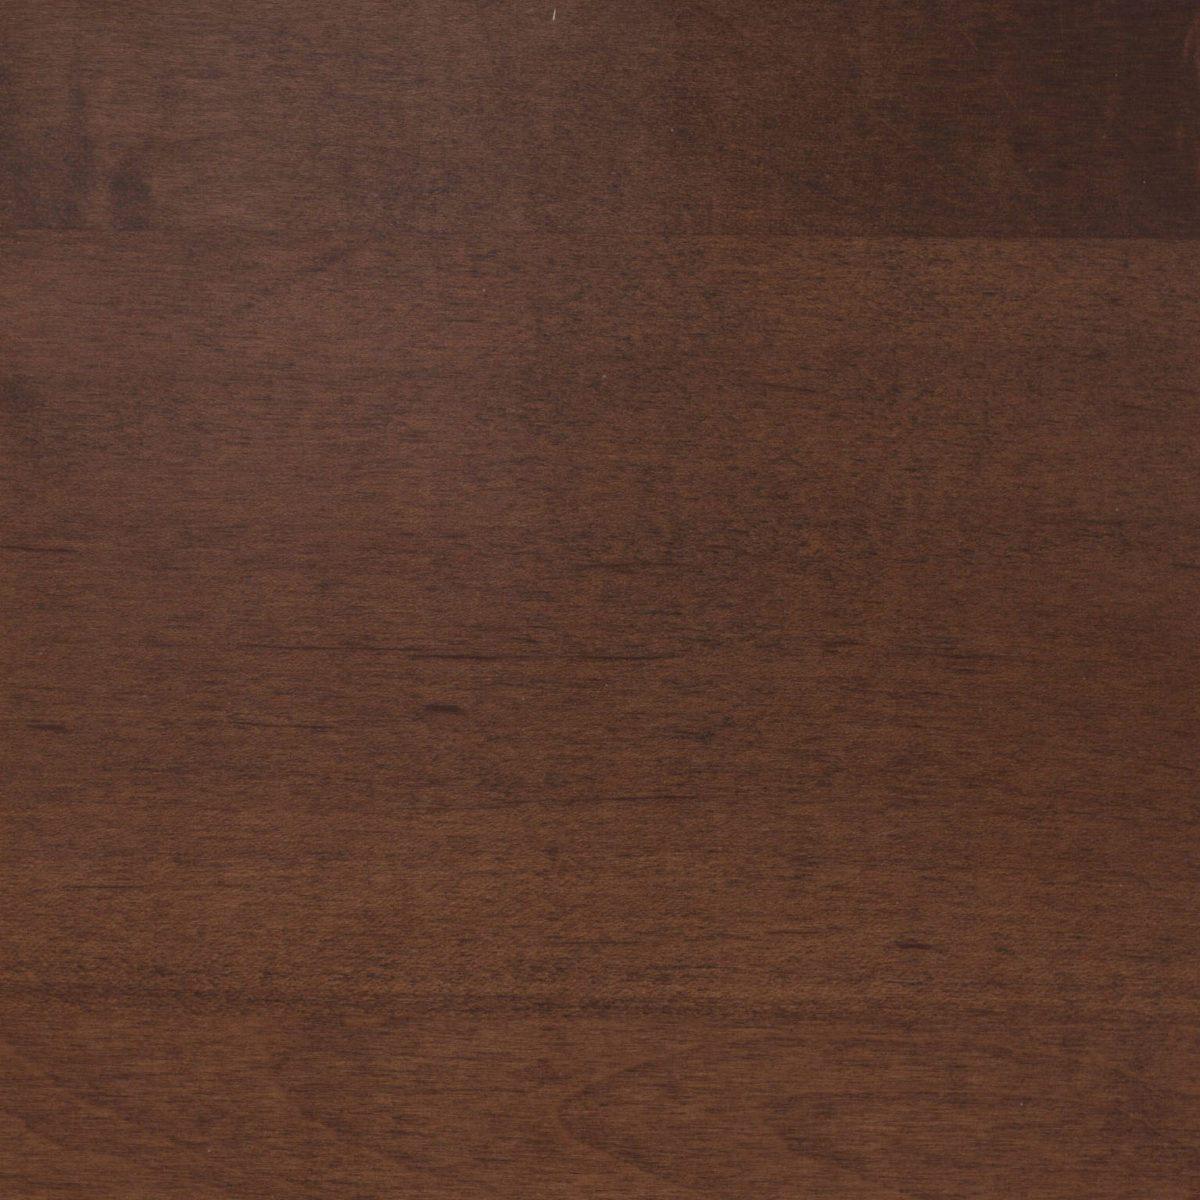 83B Brown Maple Wood Sample